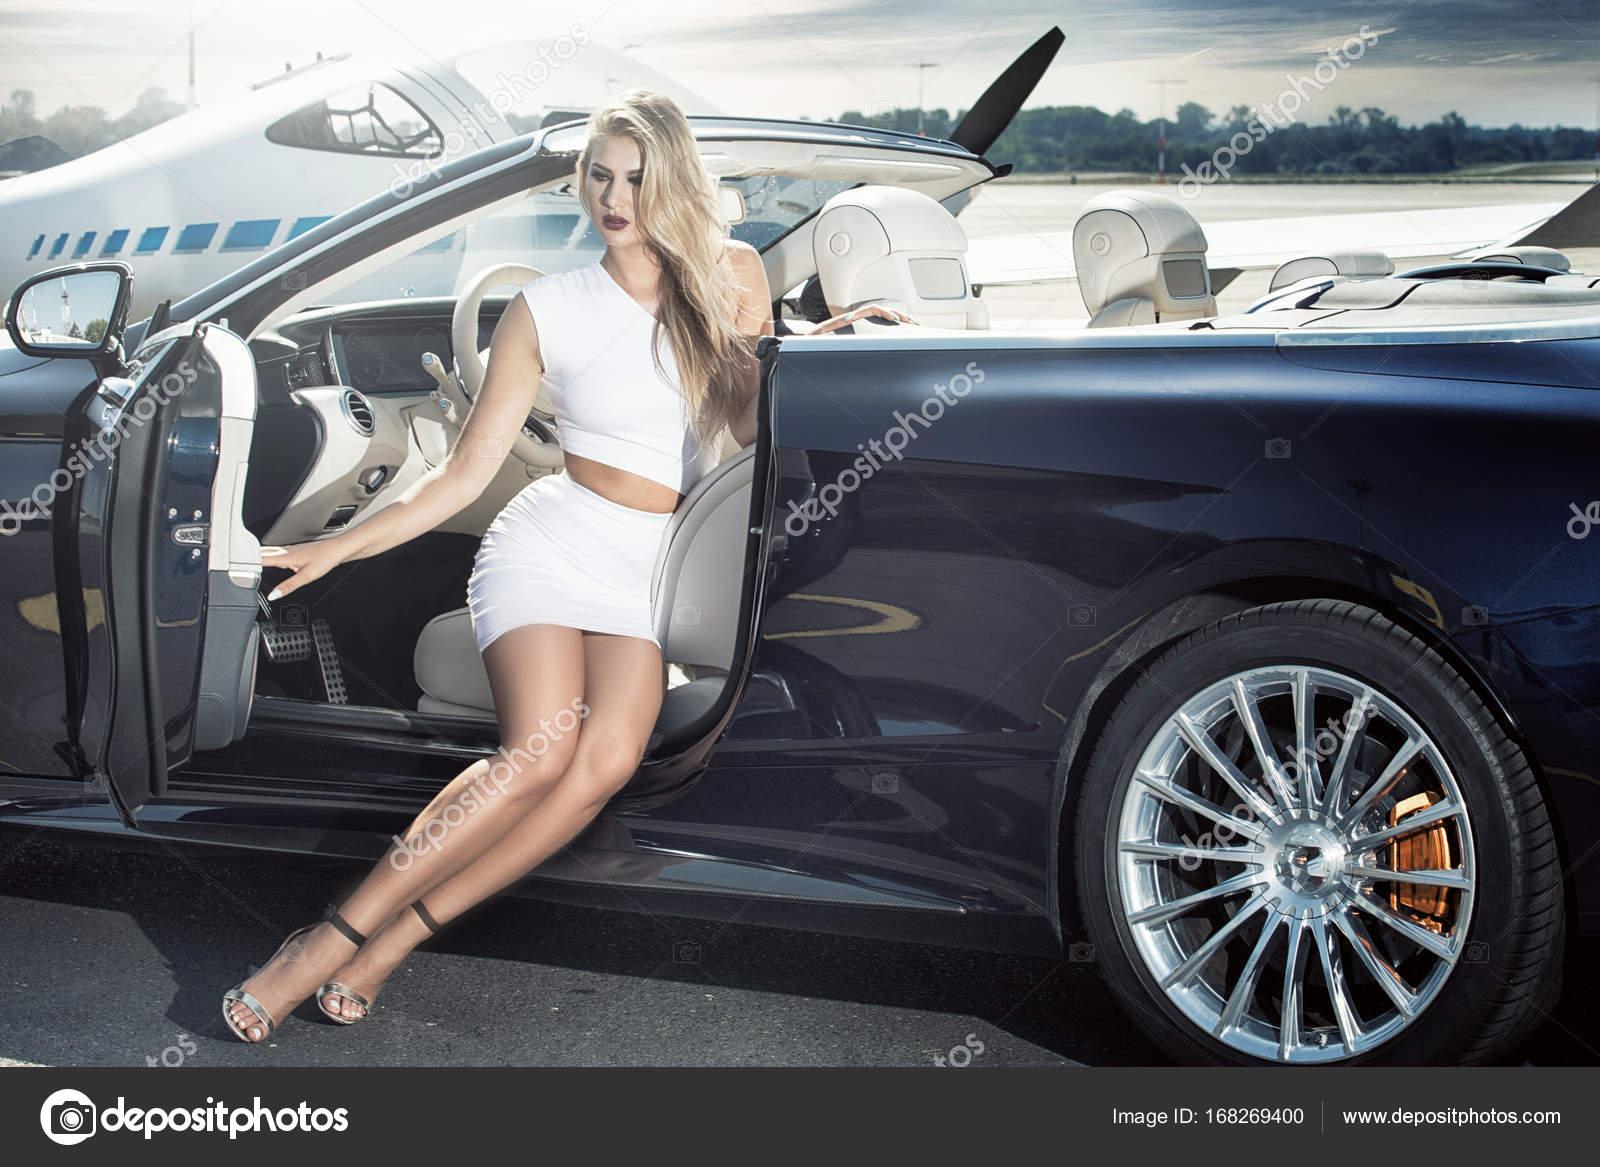 femme sexy avec voiture de luxe et avion photographie neonshot 168269400. Black Bedroom Furniture Sets. Home Design Ideas